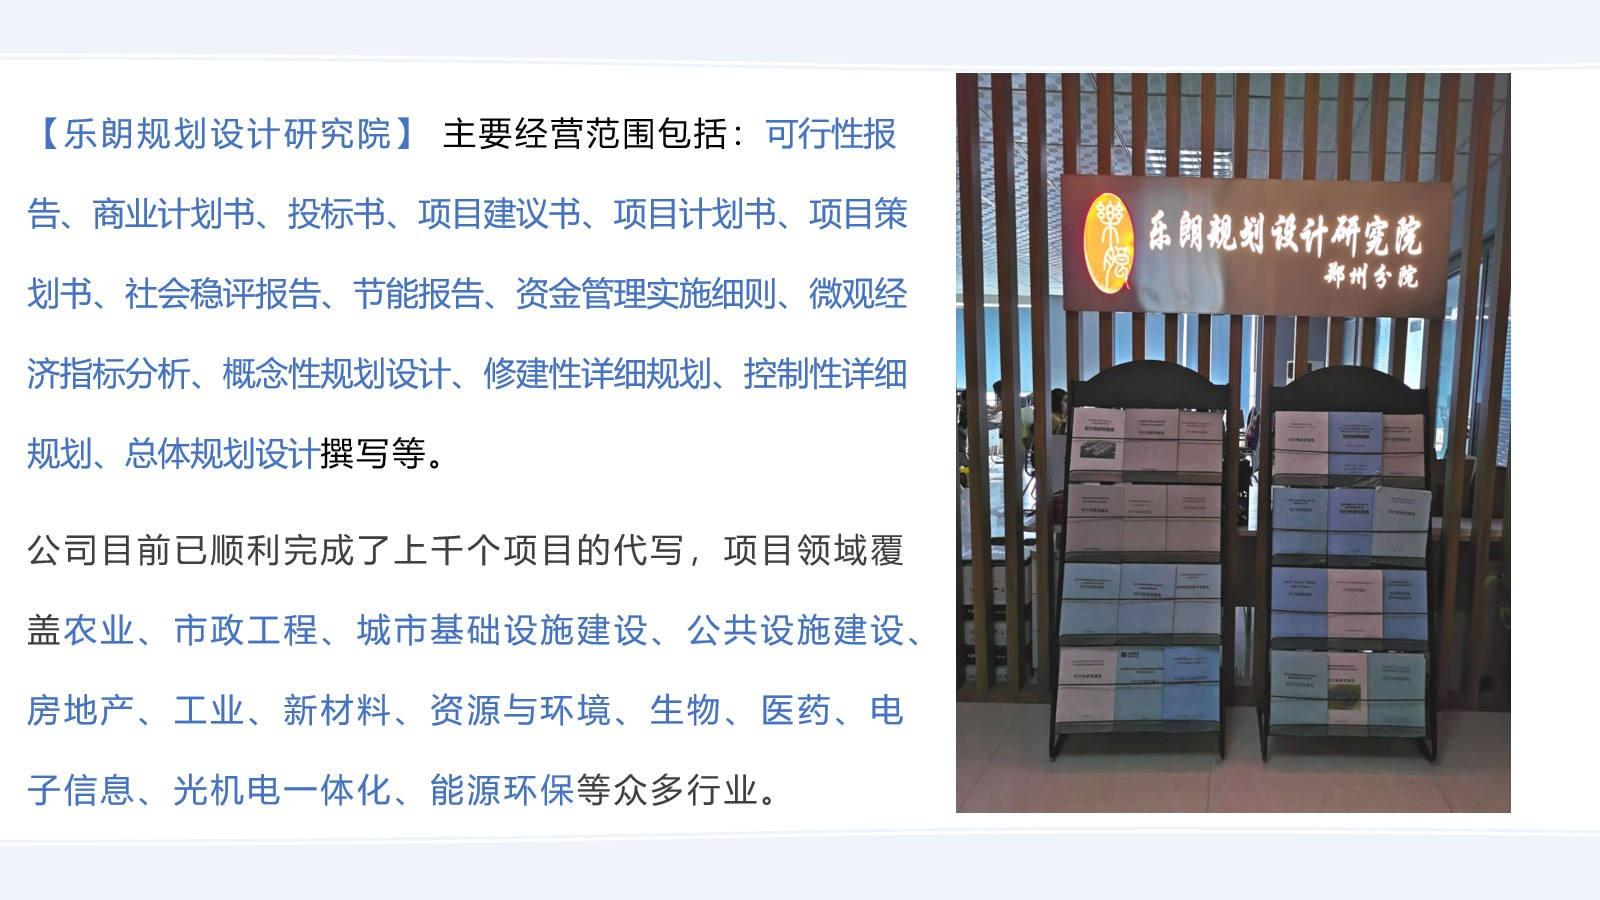 神农架能做到旅游景区规划设计的公司